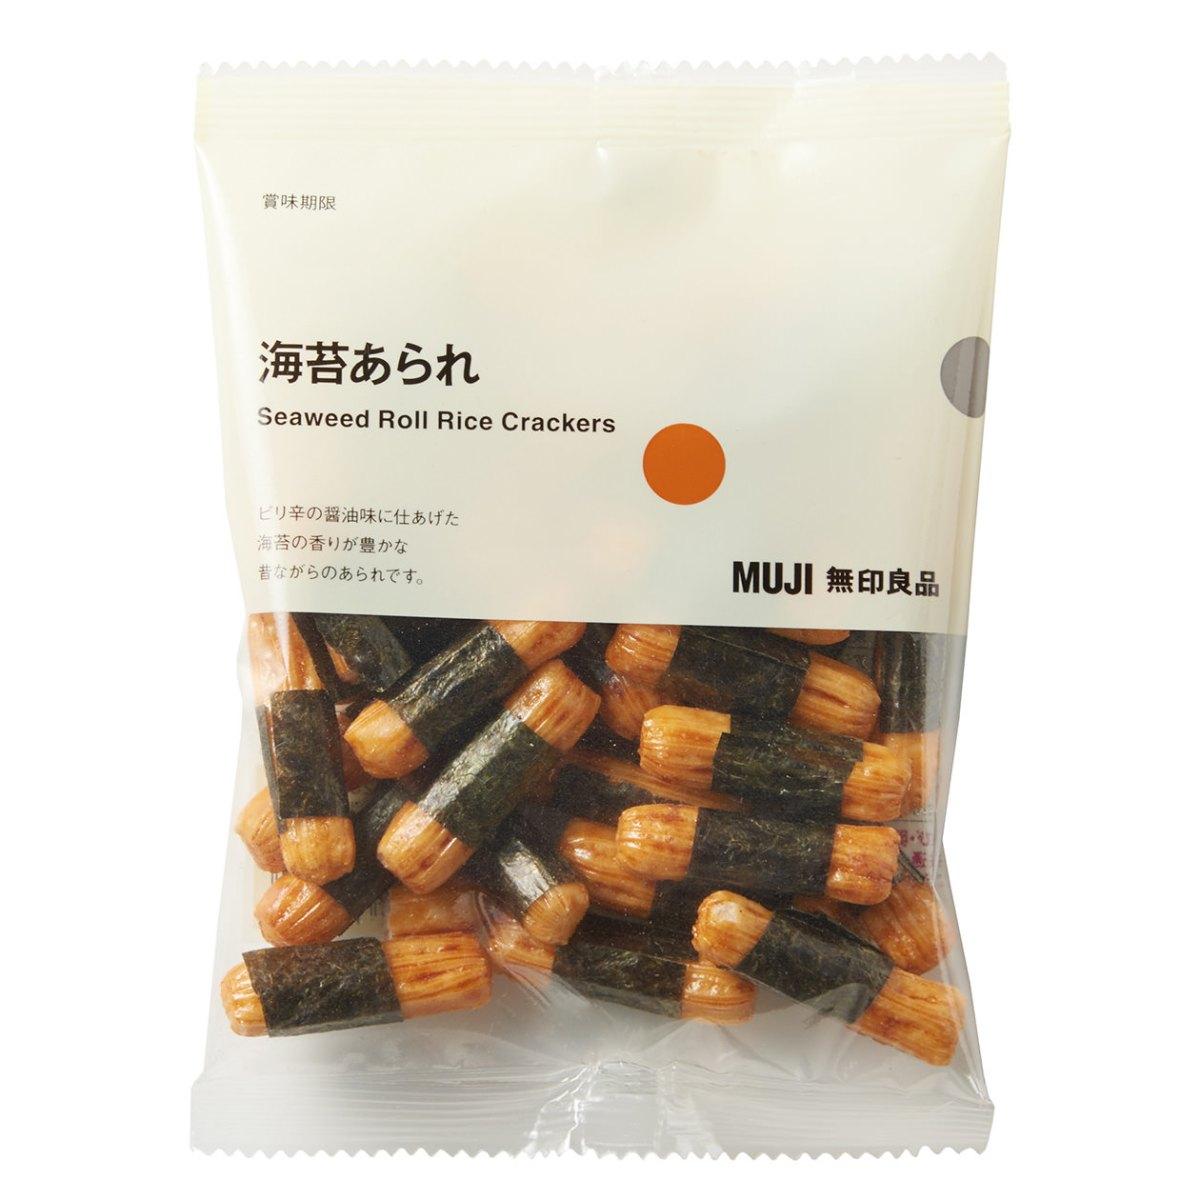 MUJI無印良品海苔米餅小卷,總脂肪只有0.3克